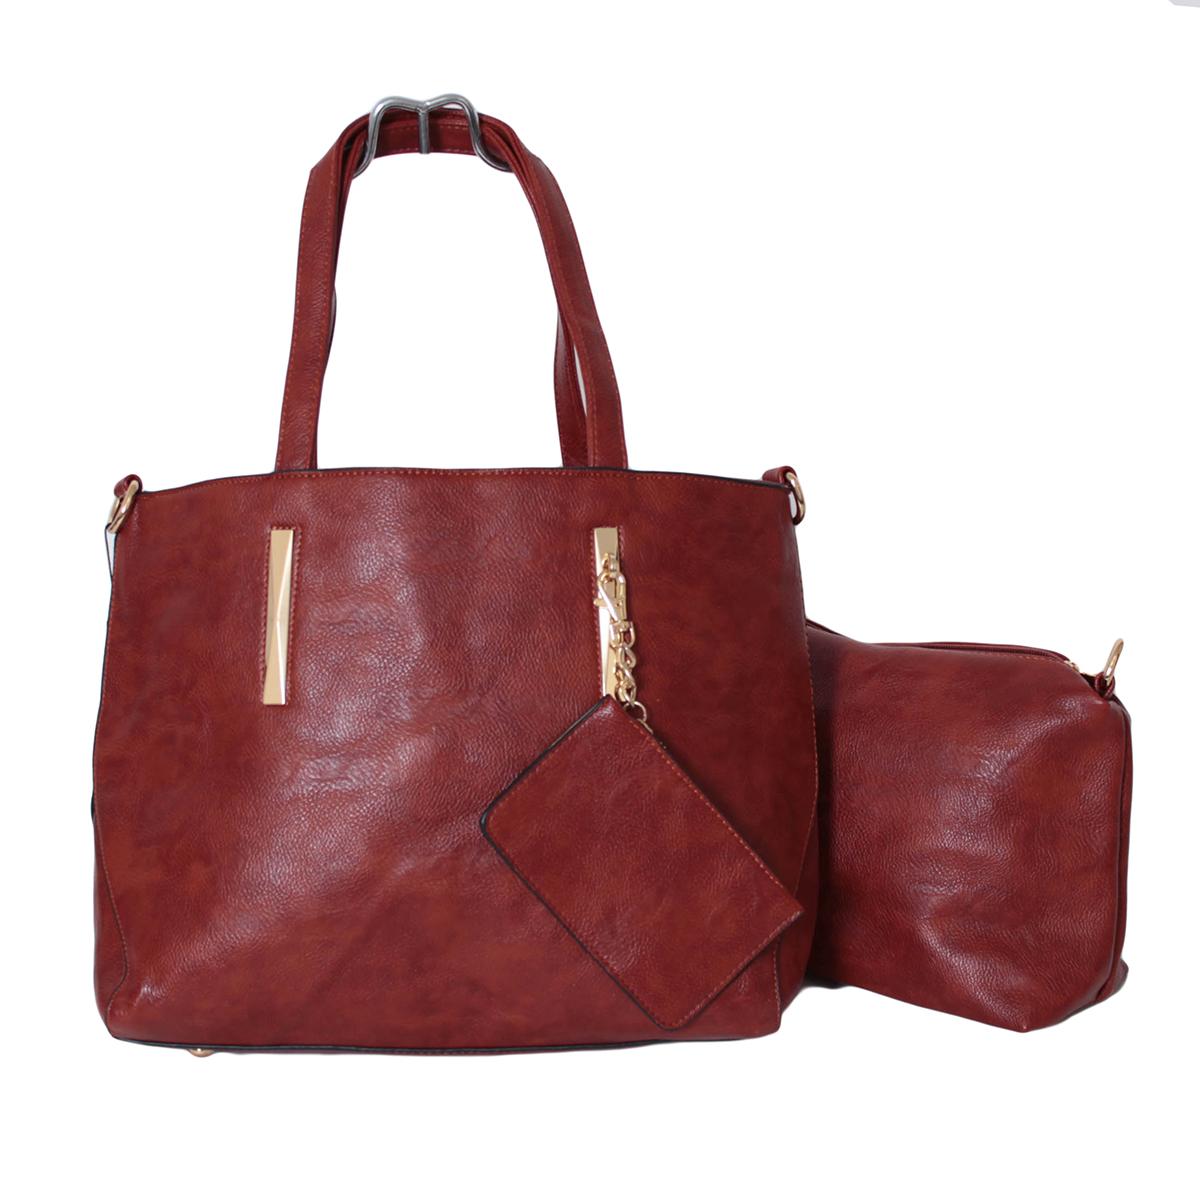 Сумка женская Flioraj, цвет: коричневый. 0005292700052927Закрывается на молнию. Внутри одно отделение, один карман на молнии и два открытых. В комплекте косметичка, кошелек для мелочи и длинный ремень.